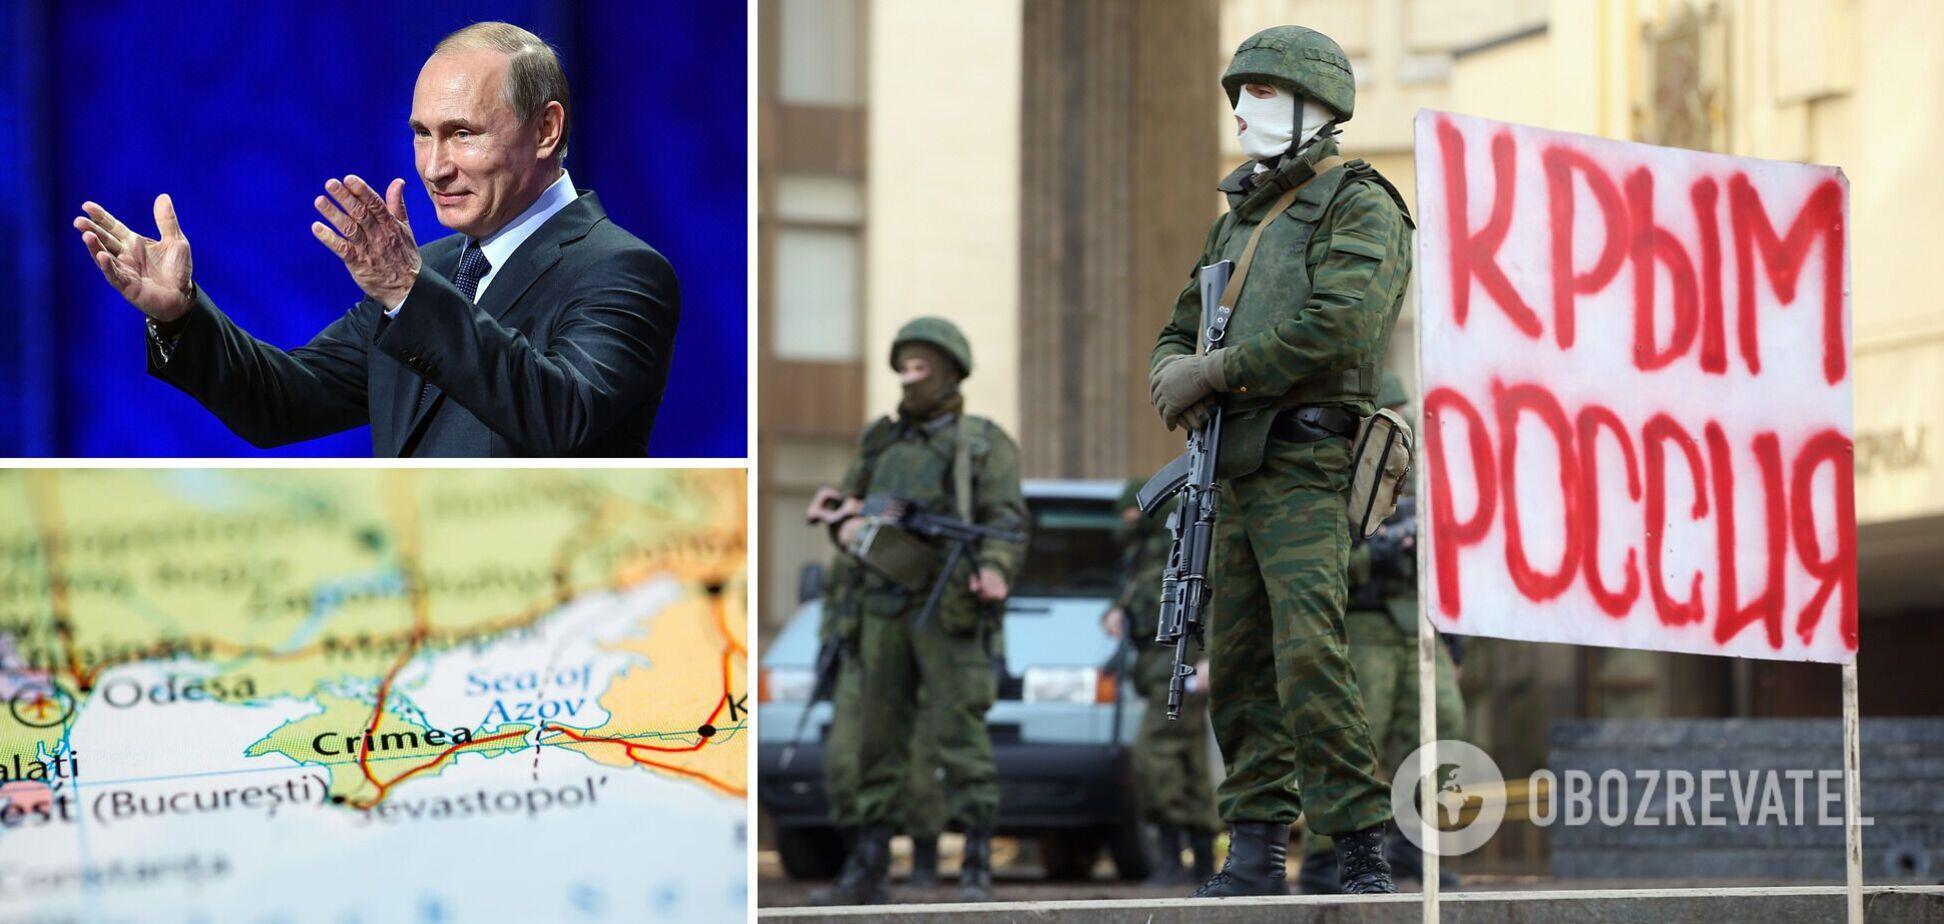 Впервые почти за 8 лет оккупации Россией Крыма пройдет новосозданный саммит 'Крымская платформа'